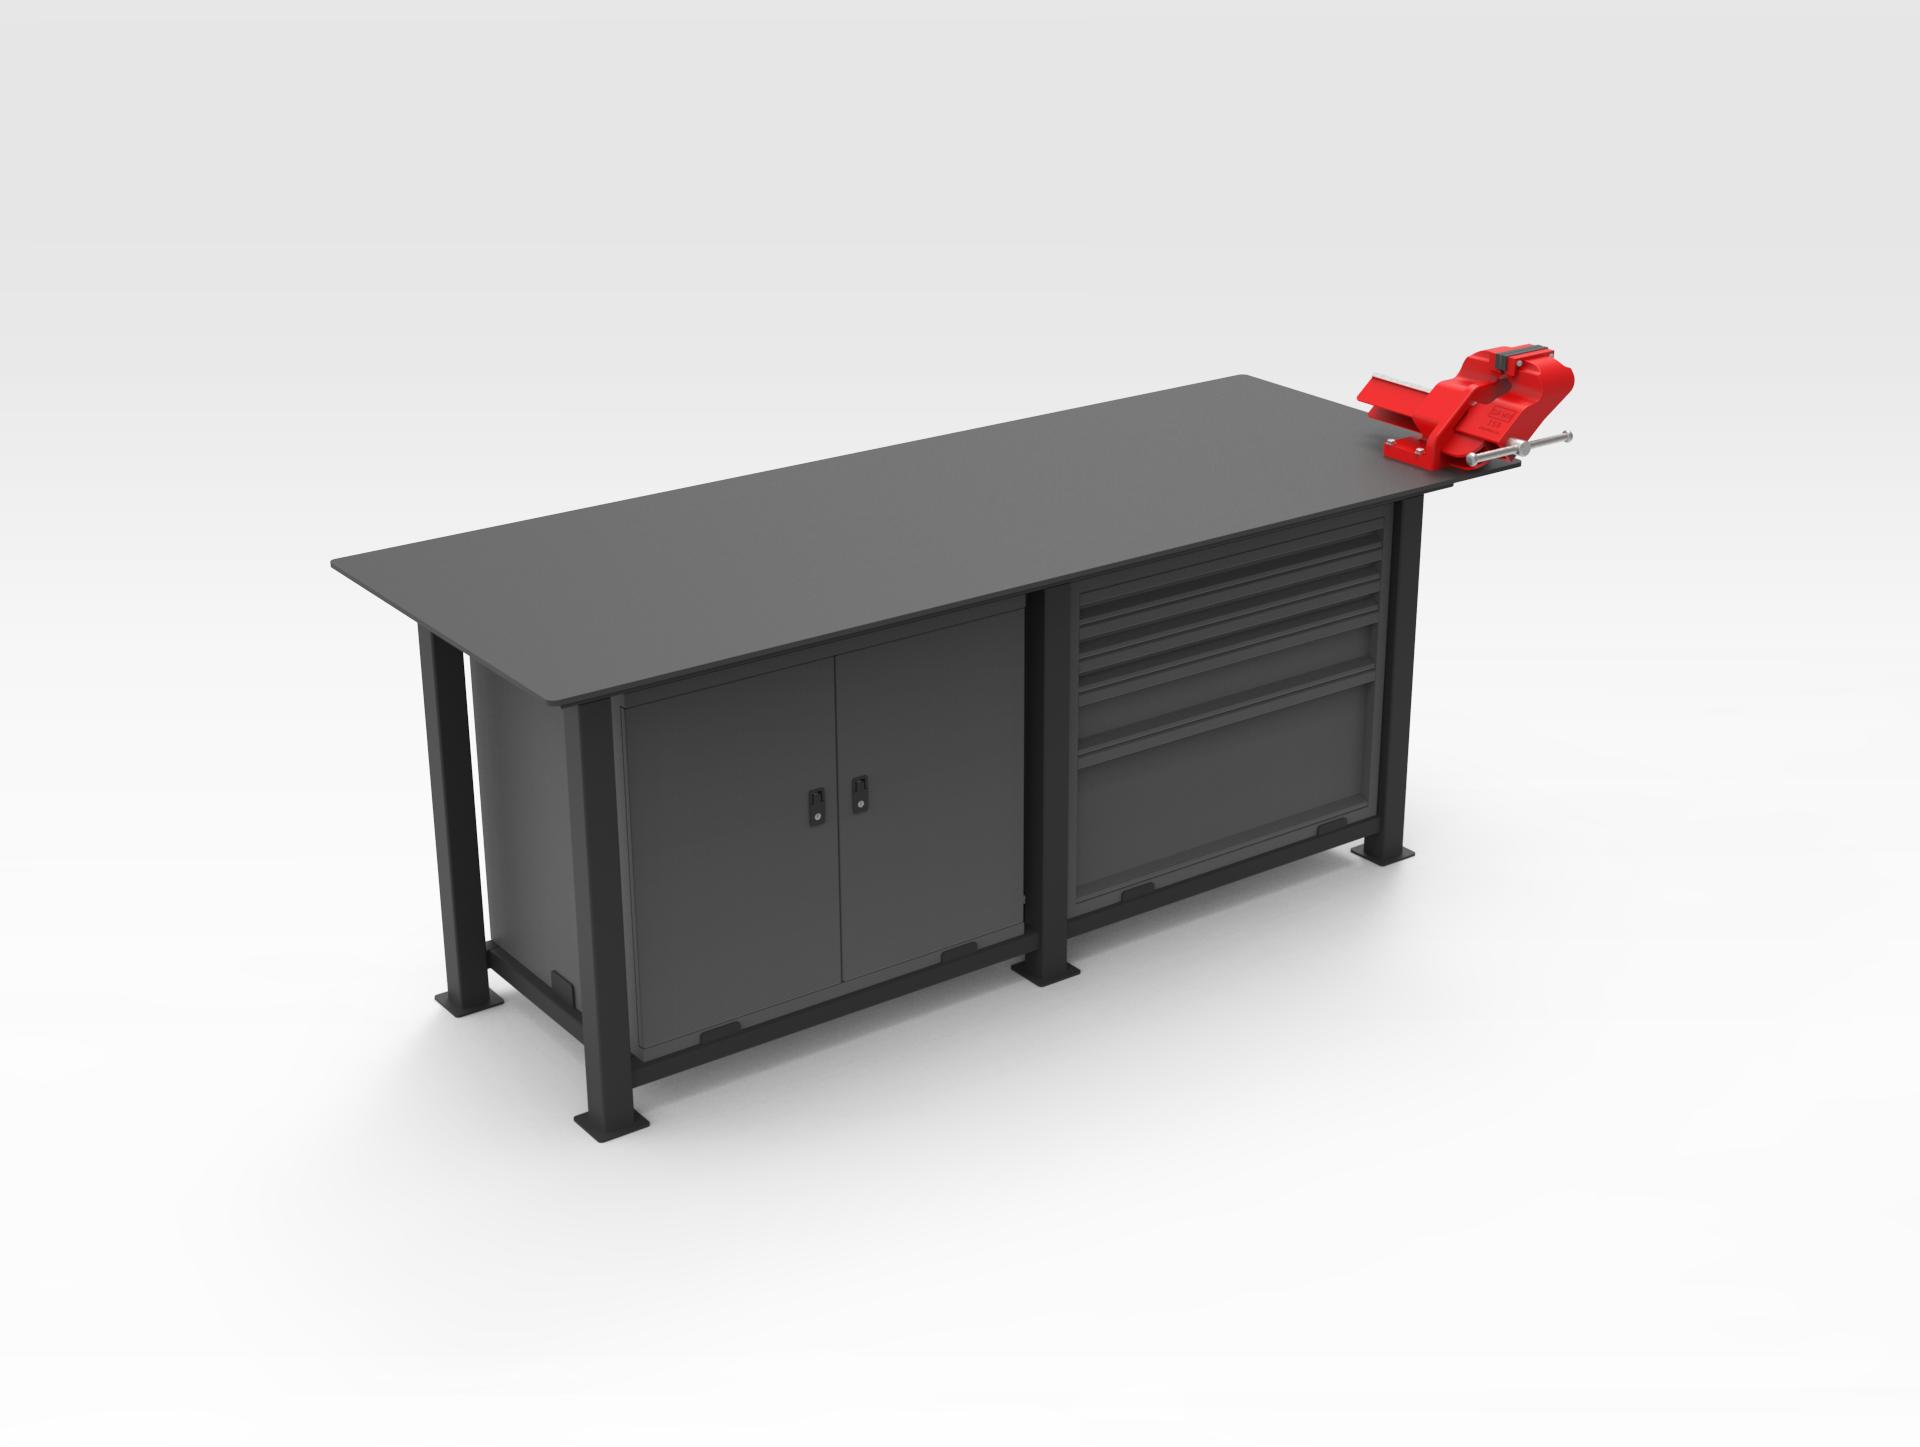 Storage Work Bench